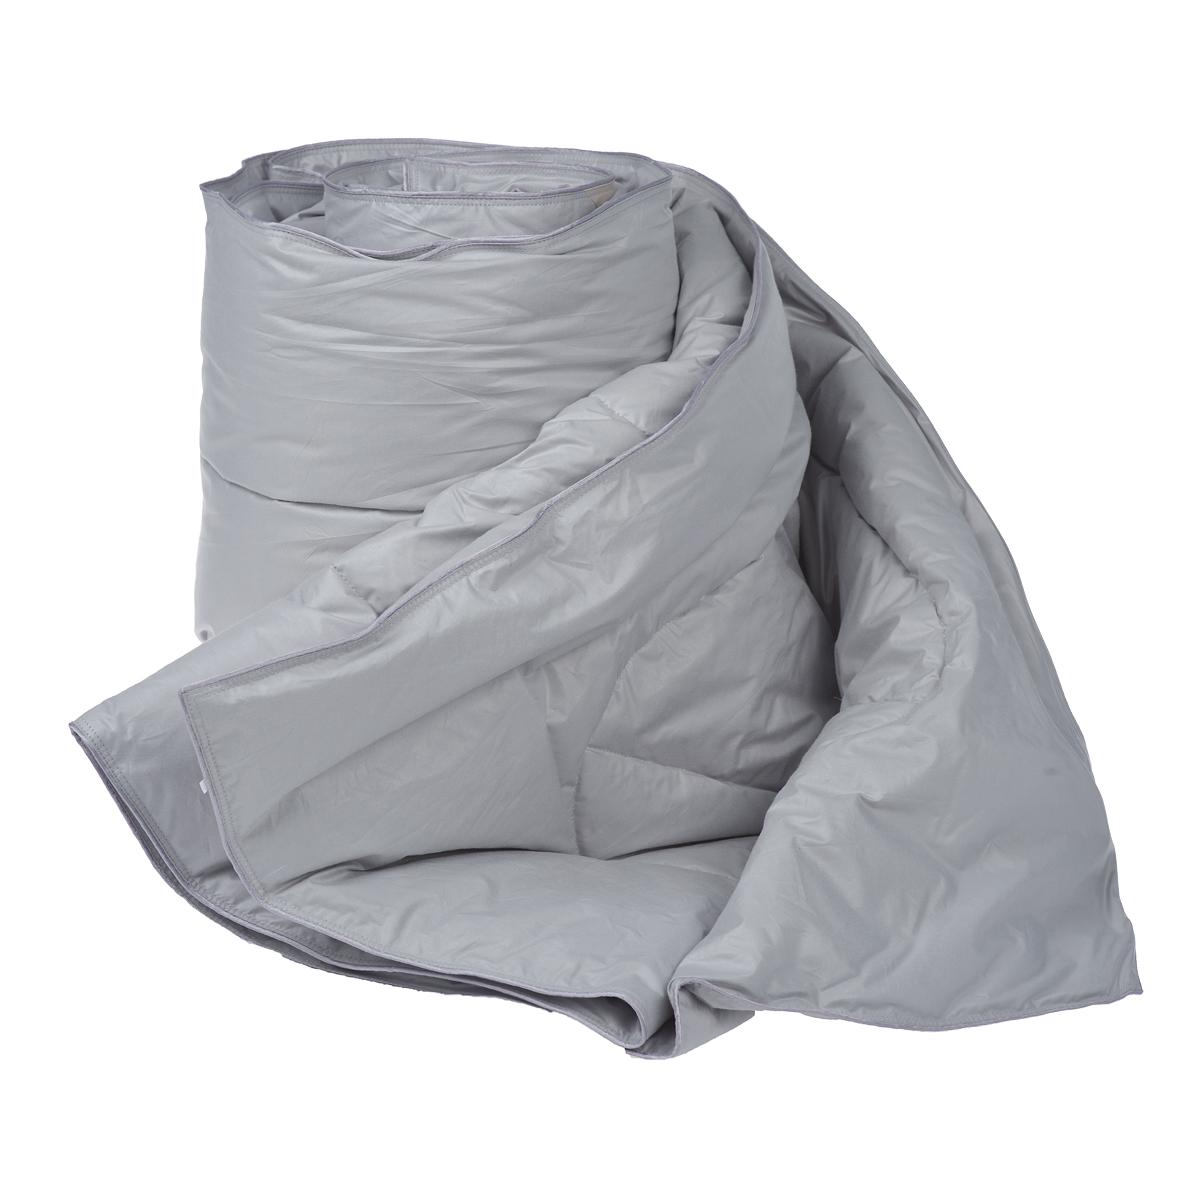 Одеяло Dargez Богемия, наполнитель: гусиный пух категории Экстра, 172 см х 205 смS03301004Одеяло Dargez Богемия подарит комфорт и уют во время сна. Чехол одеяла выполнен из пуходержащего гладкокрашеного батиста с обработкой ионами серебра.Ткань с ионами серебра благотворно воздействует на кожу, оказывает расслабляющее действие для организма человека, имеет устойчивый антибактериальный эффект. Уникальная запатентованная стежка Bodyline® по форме повторяет тело человека, что помогает эффективно регулировать теплообмен различных частей организма и создать оптимальный микроклимат во время сна.Натуральное сырье, инновационные разработки и современные технологии - вот рецепт вашего крепкого сна. Изделия коллекции способны стать прекрасным подарком для людей, ценящих красоту и комфорт. Рекомендации по уходу: - Стирка при температуре не более 40°С. - Запрещается отбеливать, гладить, выжимать и сушить в стиральной машине.Материал чехла: батист пуходержащий (100% хлопок). Материал наполнителя: гусиный пух категории Экстра. Размер: 172 см х 205 см.